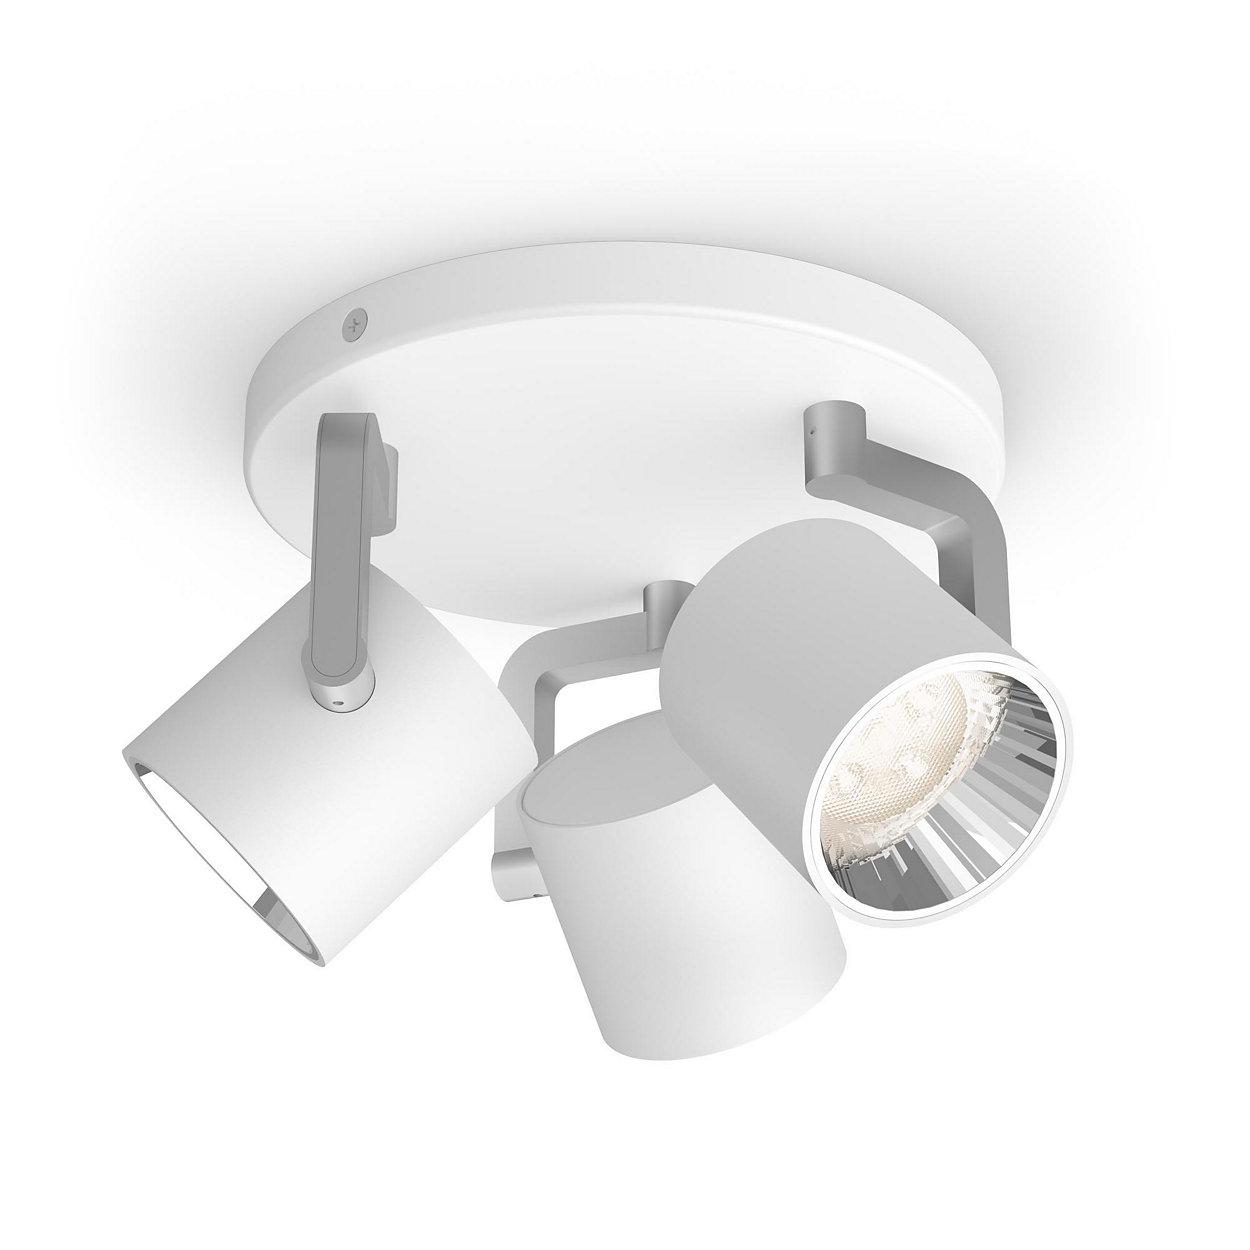 Una lámpara. Tu interruptor. Tres configuraciones de luz.